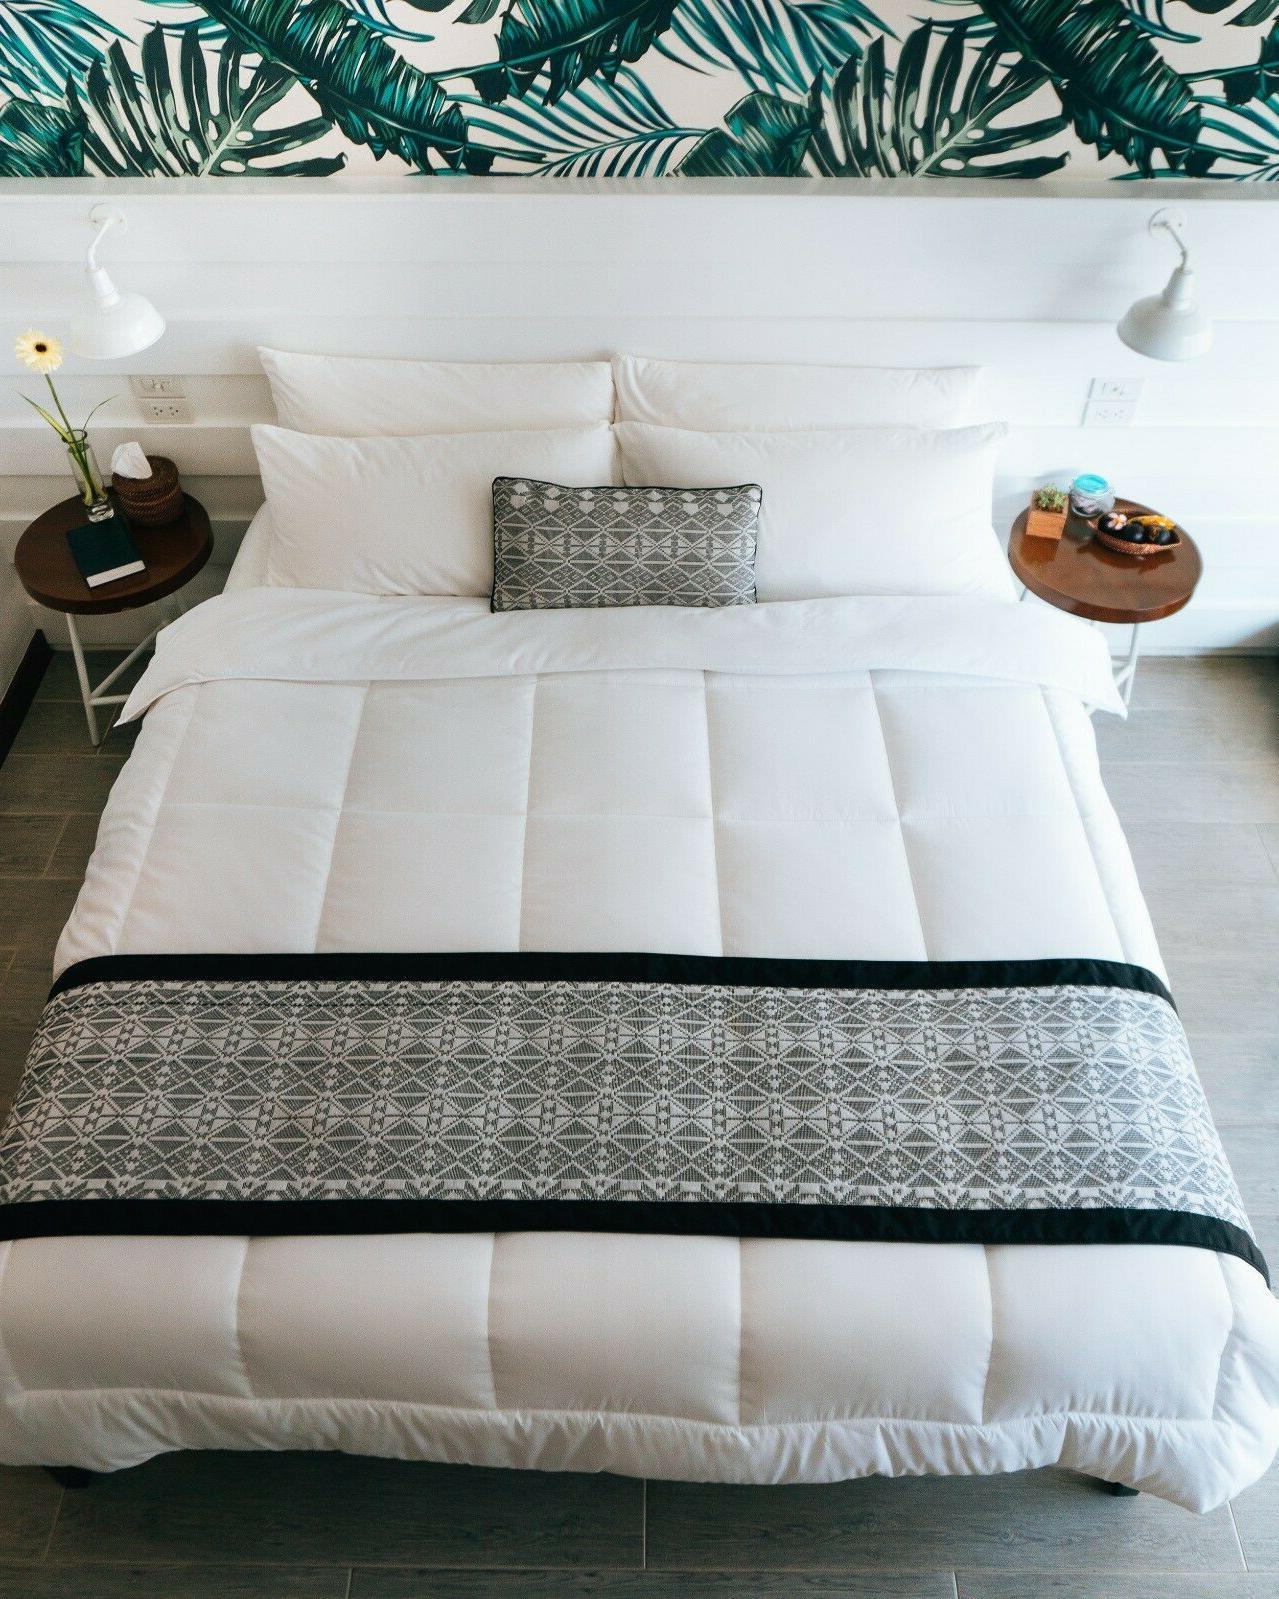 Kömforte Comforter– Insert Her